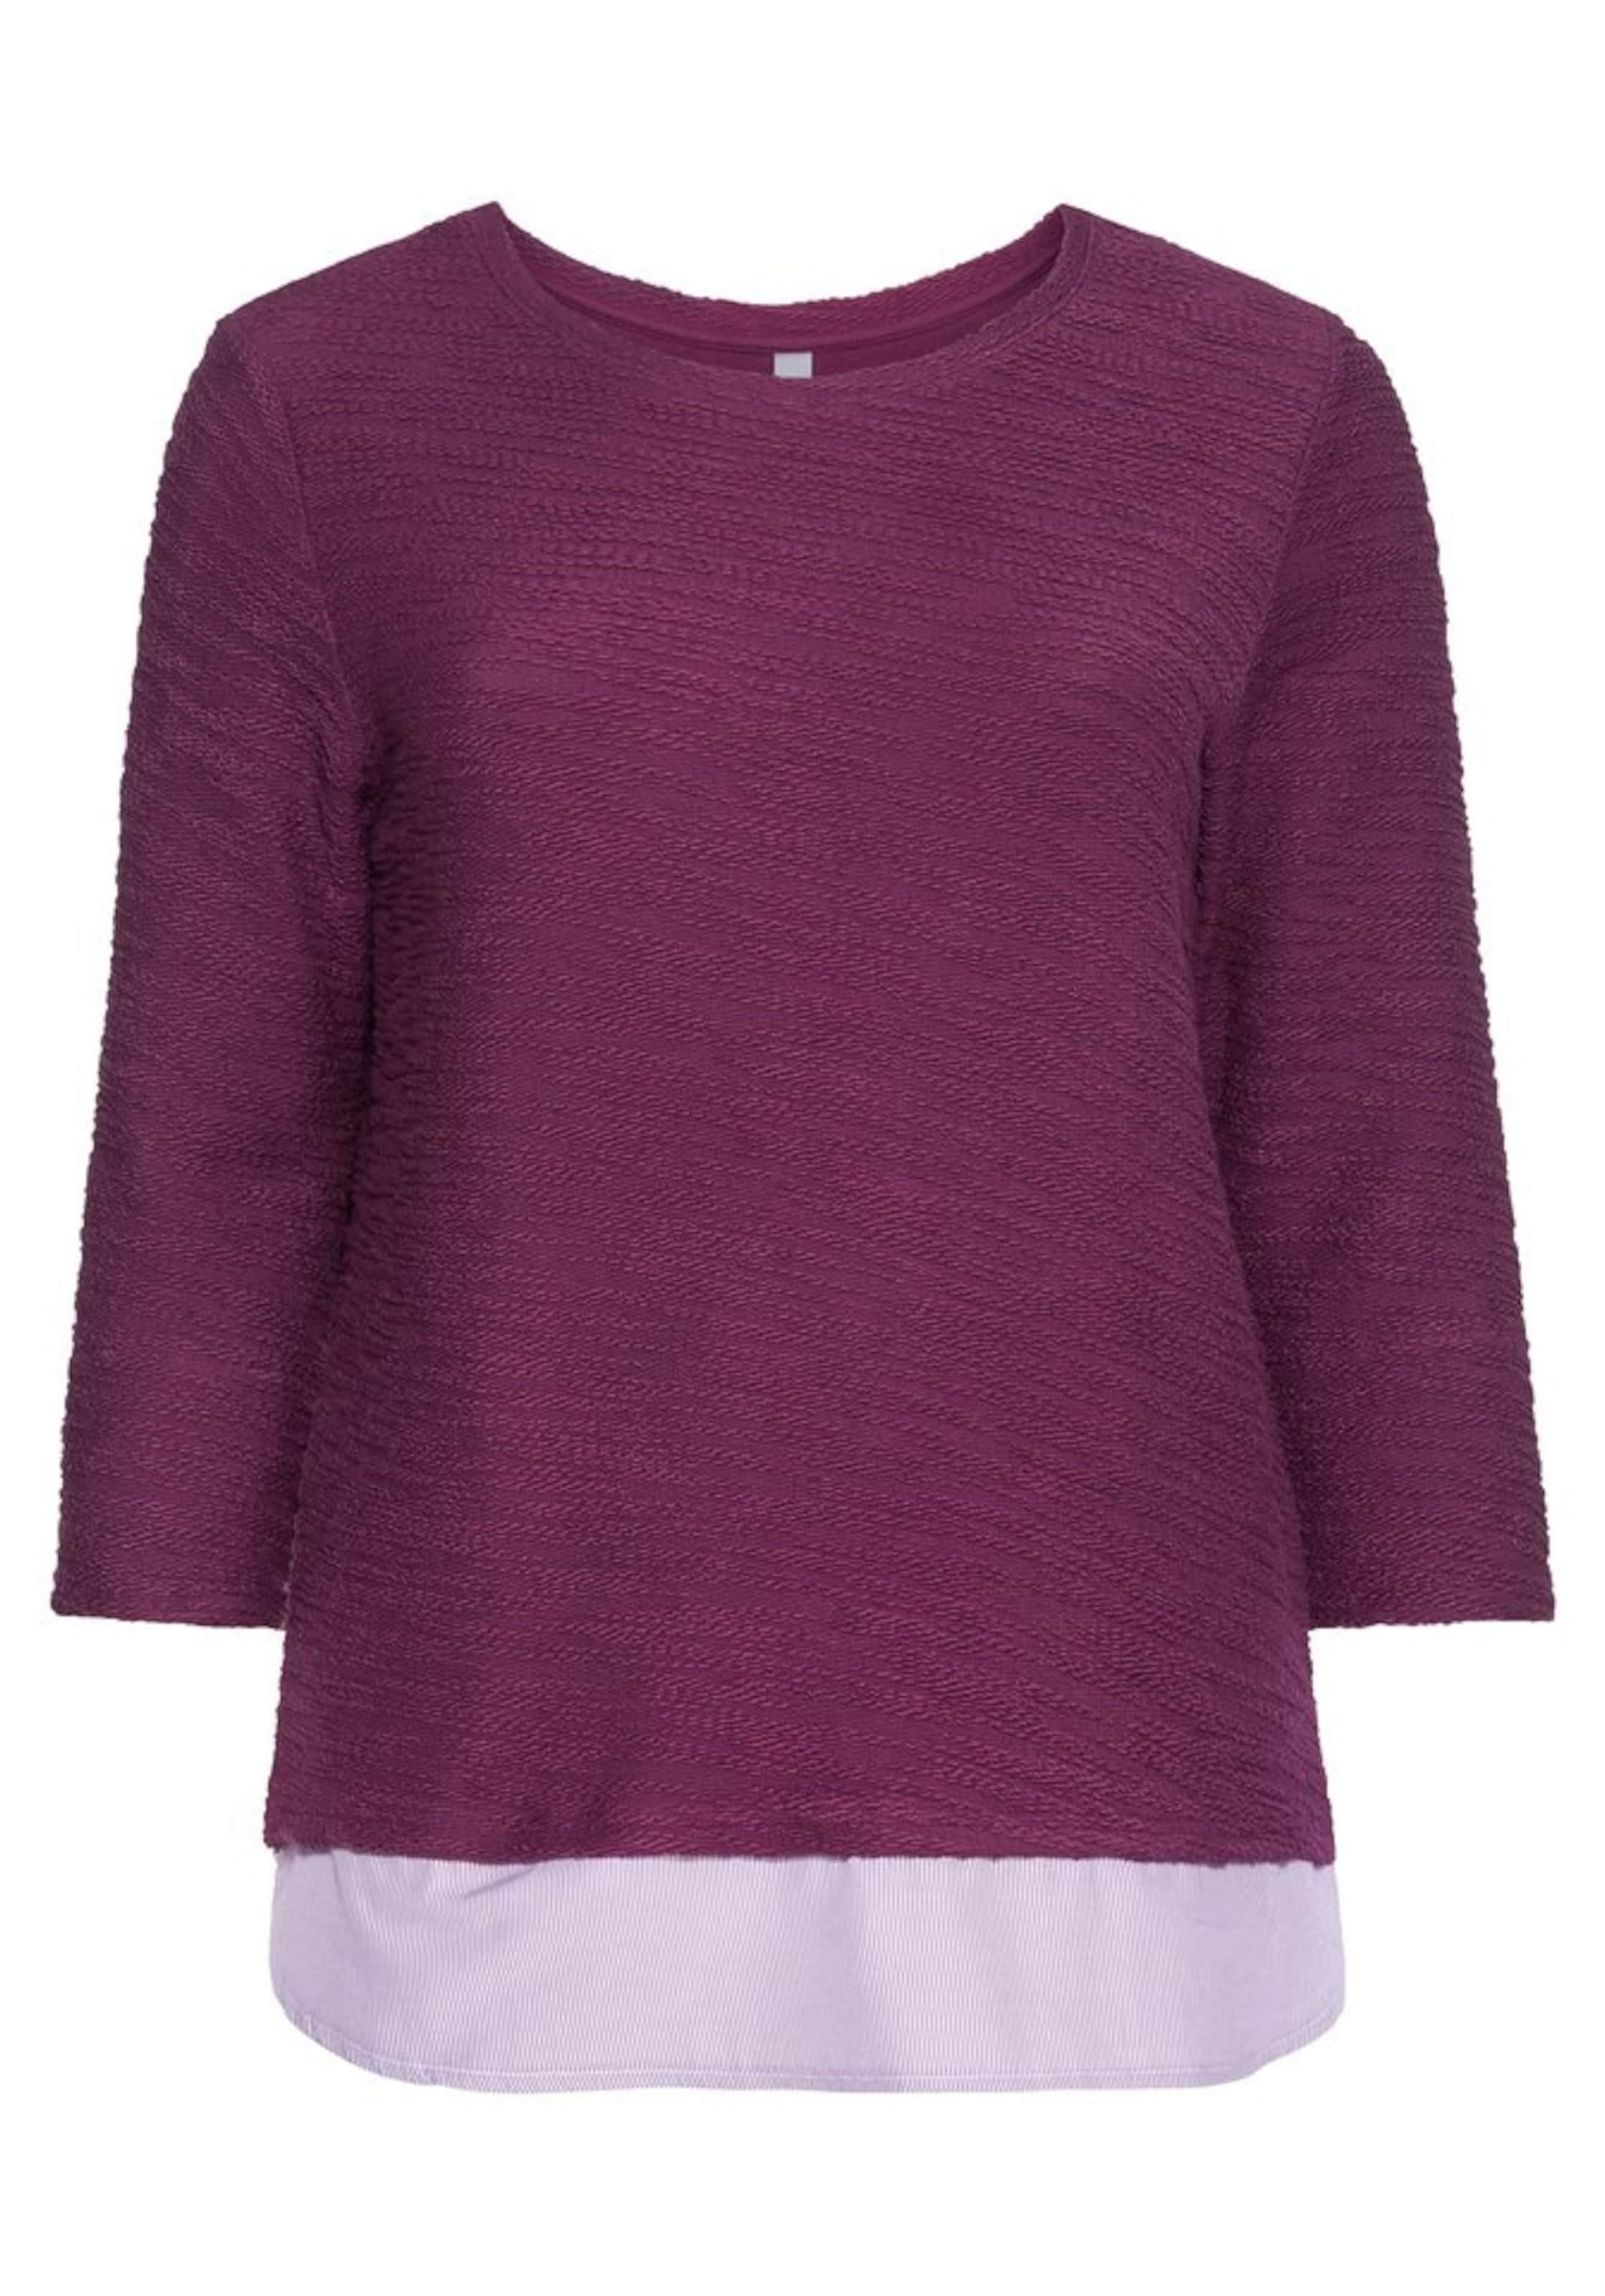 BeerePastelllila Sweatshirt In Sheego Sheego Sweatshirt Sheego In Sweatshirt BeerePastelllila hsQCtrxd